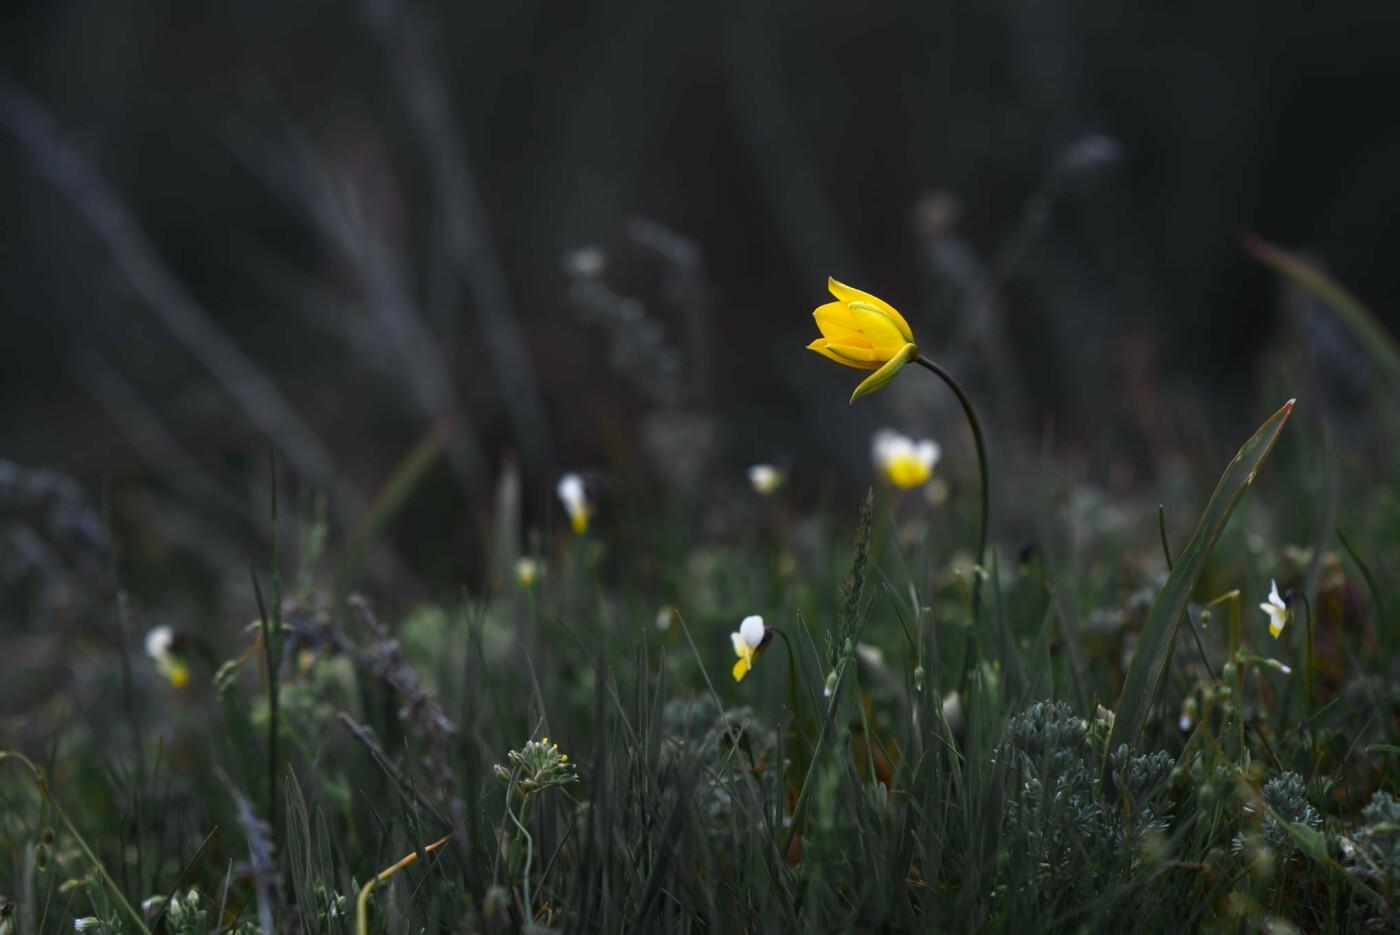 На закате и после грозы: запорожские фотографы делятся снимками цветущей Хортицы, - ФОТО, фото-9